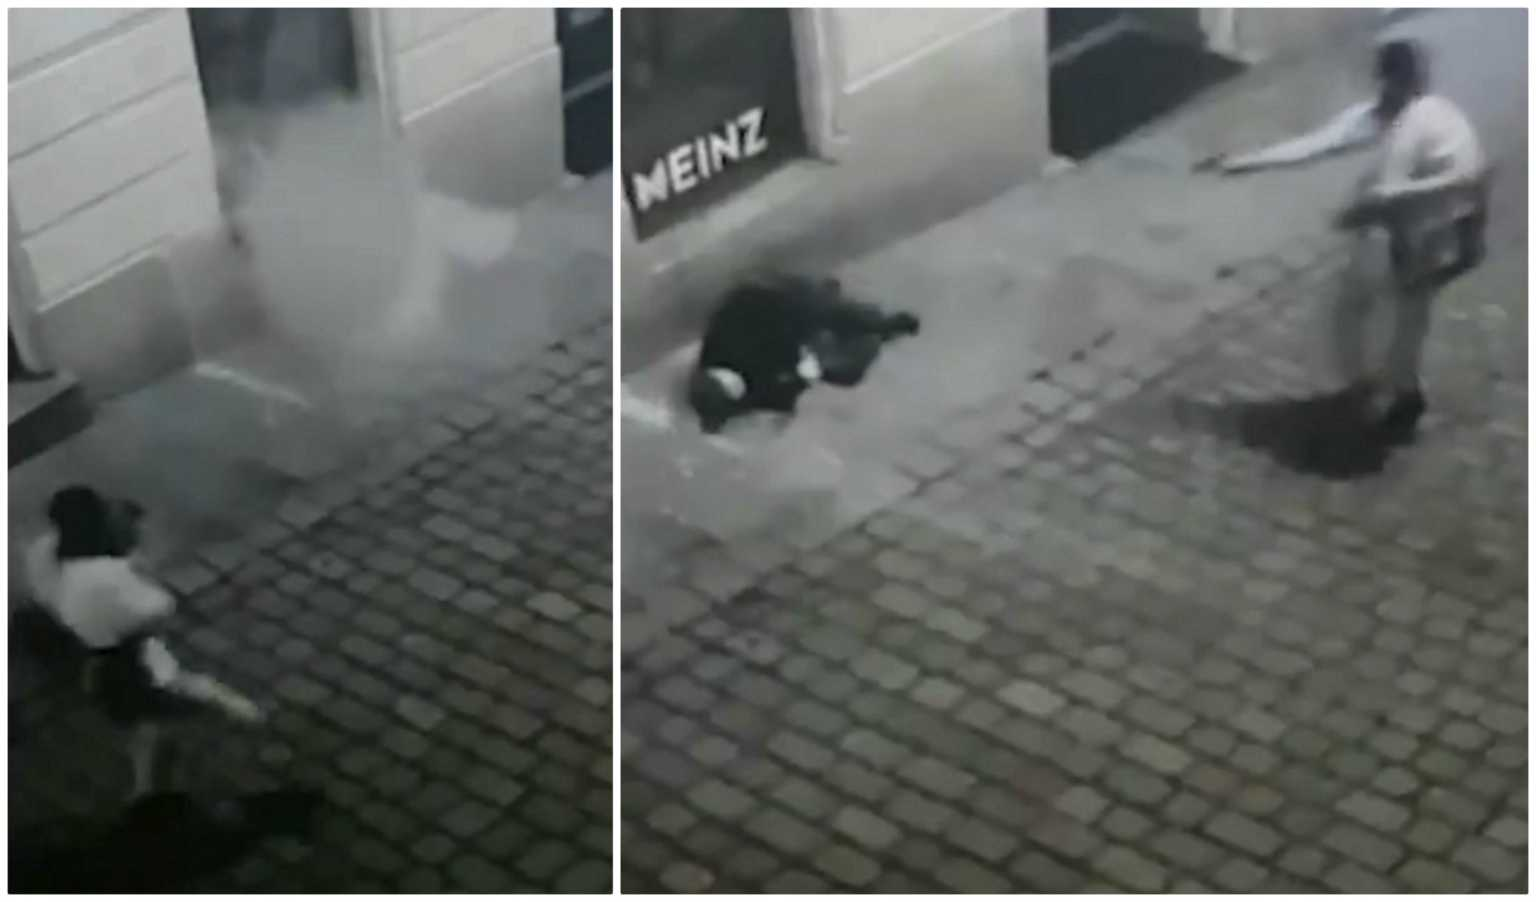 Βιέννη: Βίντεο σοκ – Τον εκτελεί εν ψυχρώ στη μέση του δρόμου